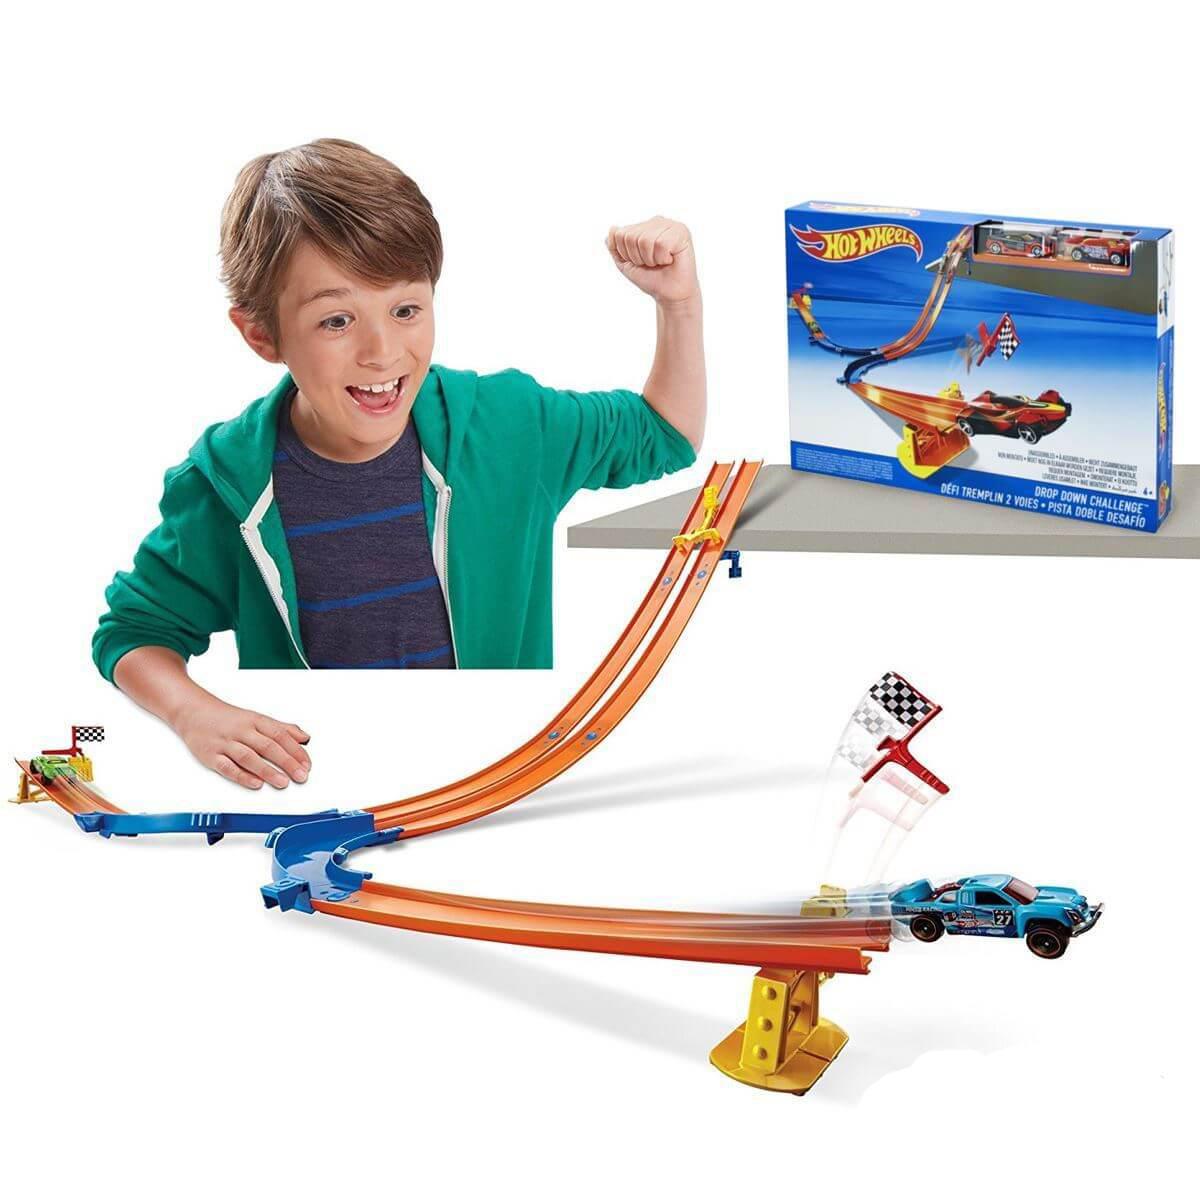 ребенок играет с hot wheels